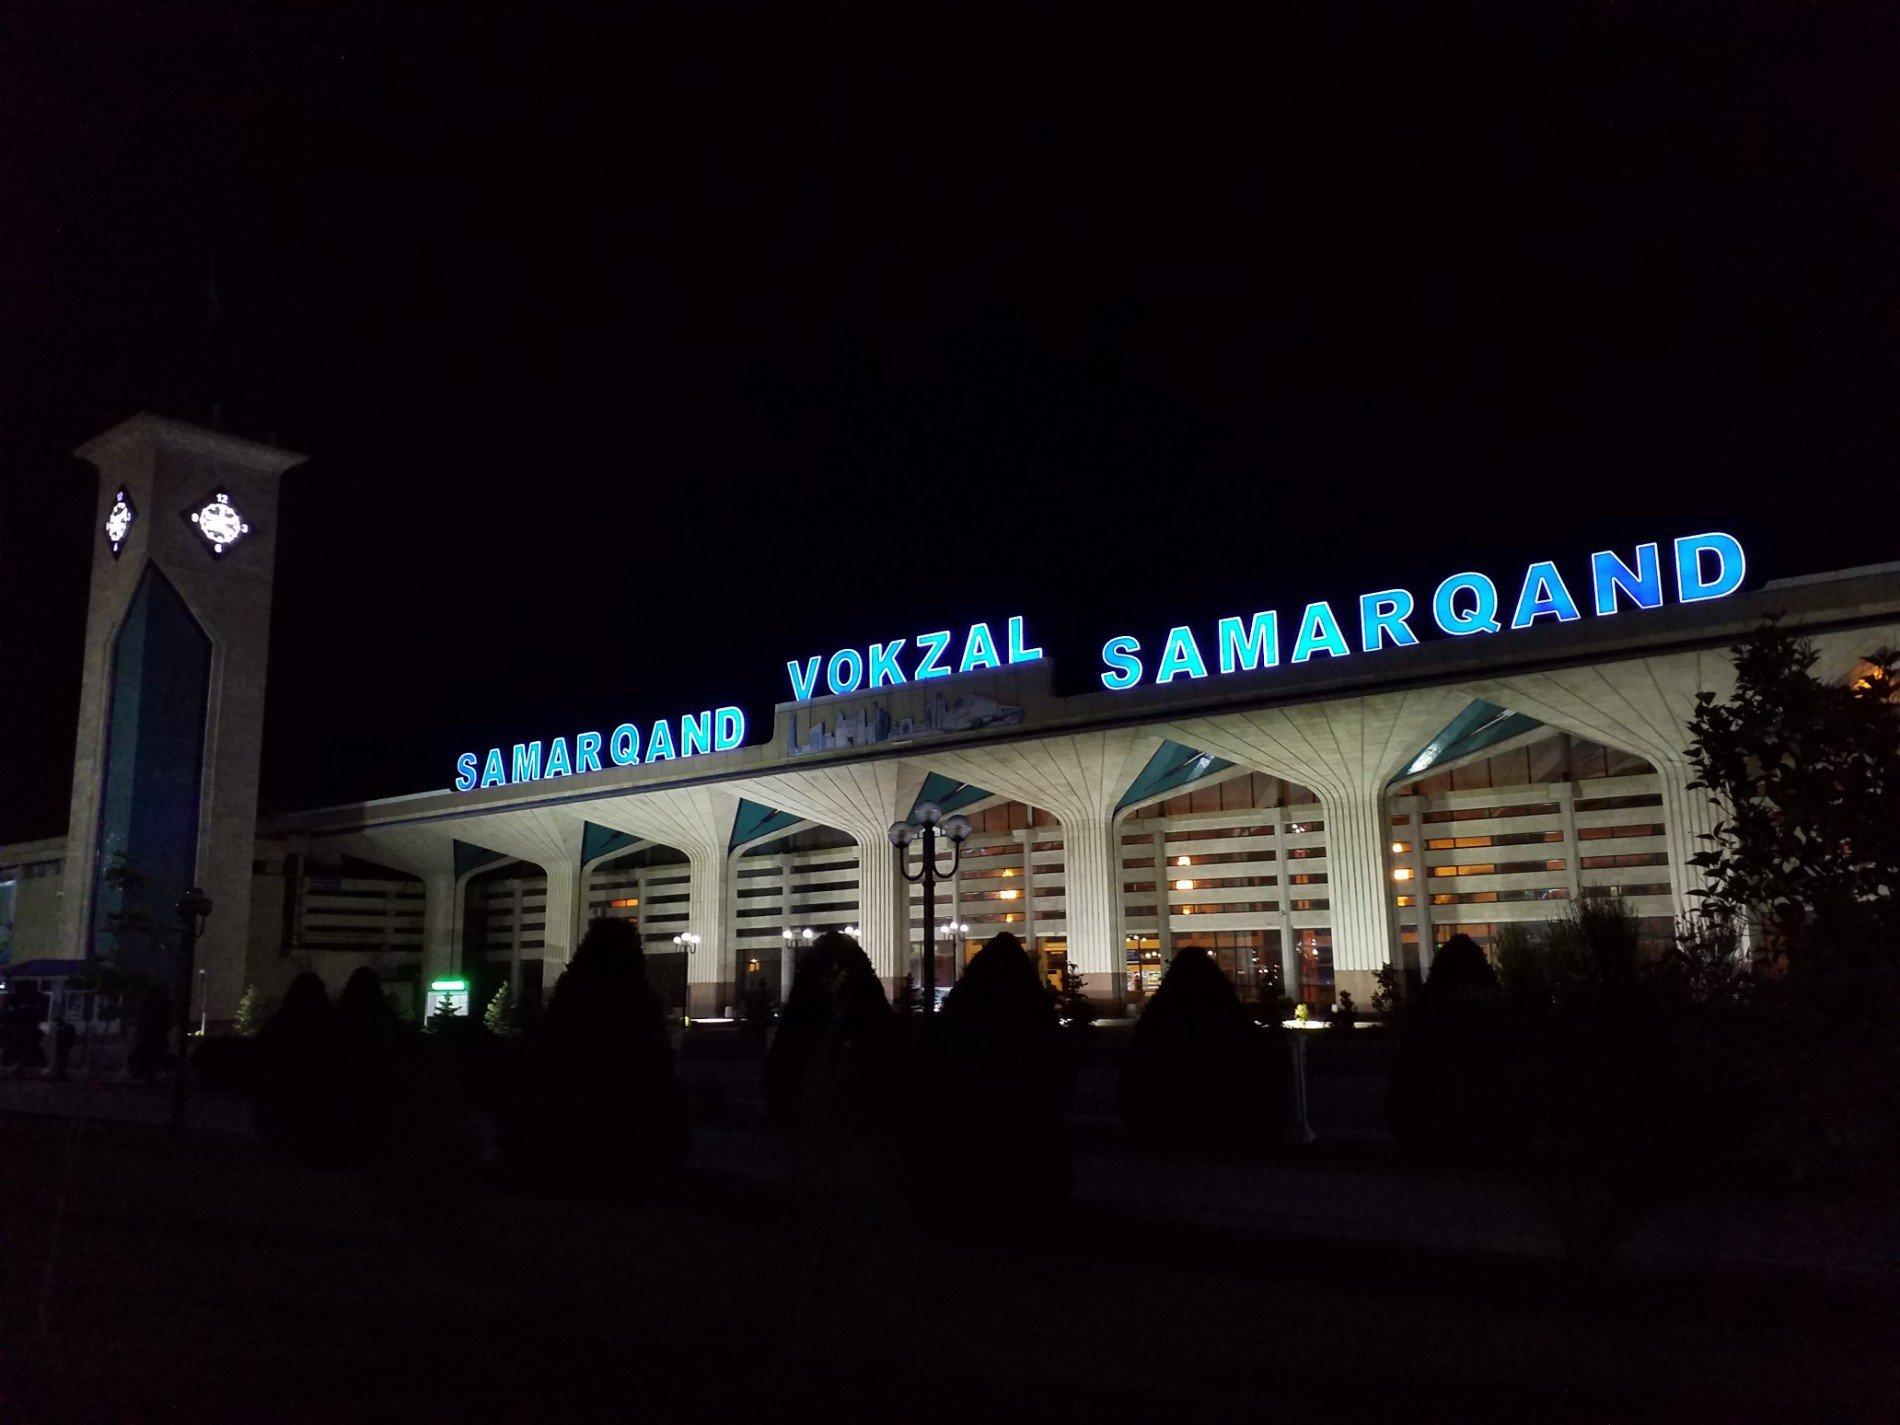 вокзал самарканд фото организации